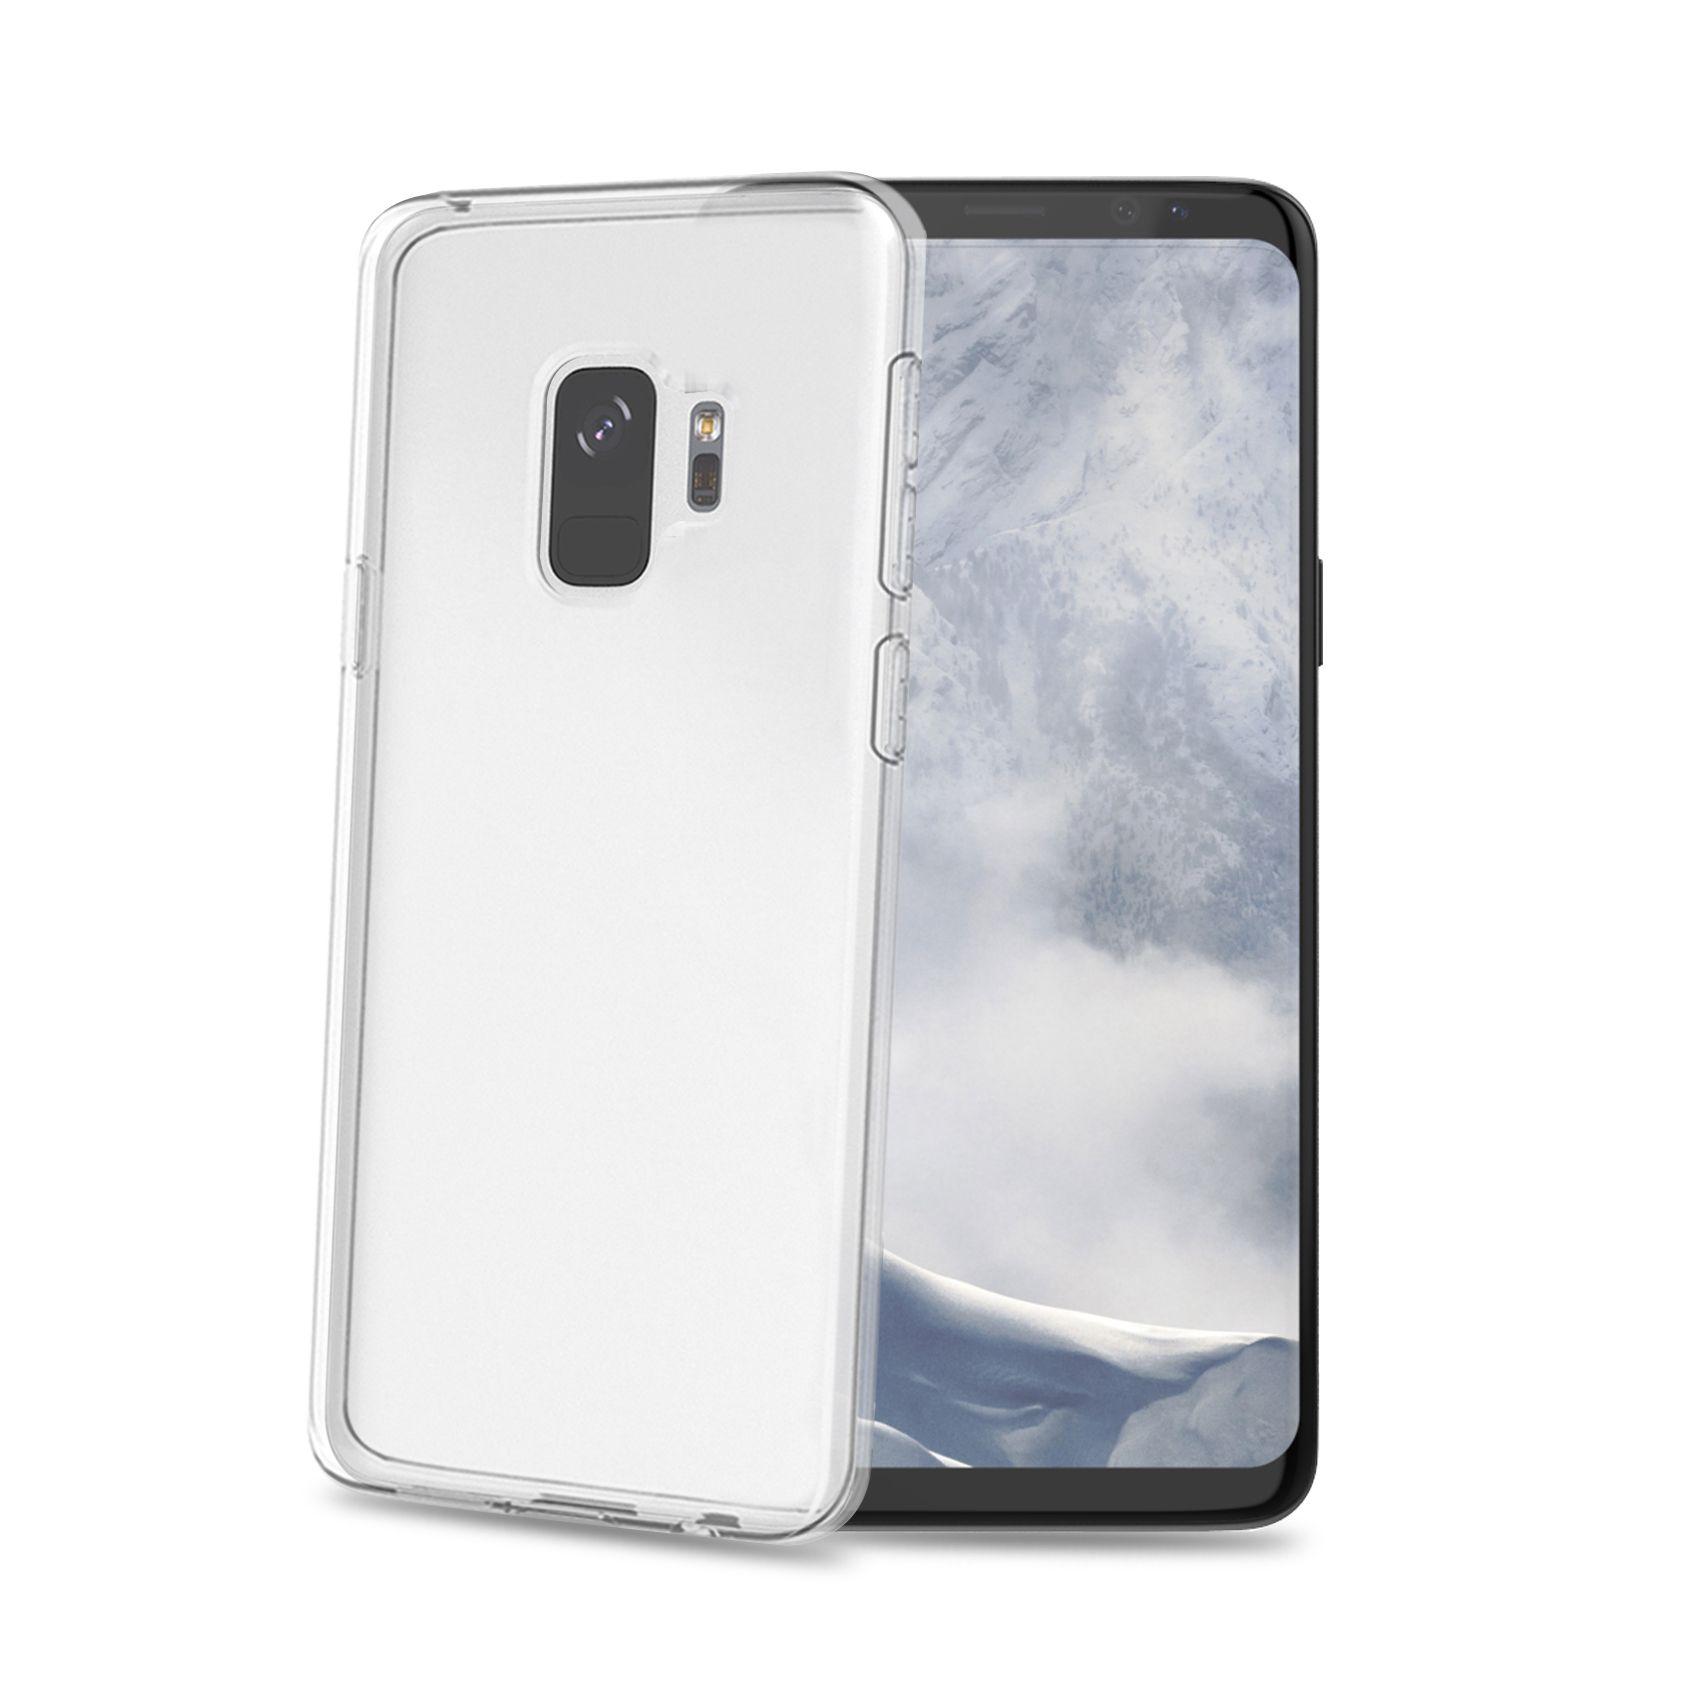 TPU pouzdro CELLY Gelskin pro Samsung Galaxy S9, bezbarvé